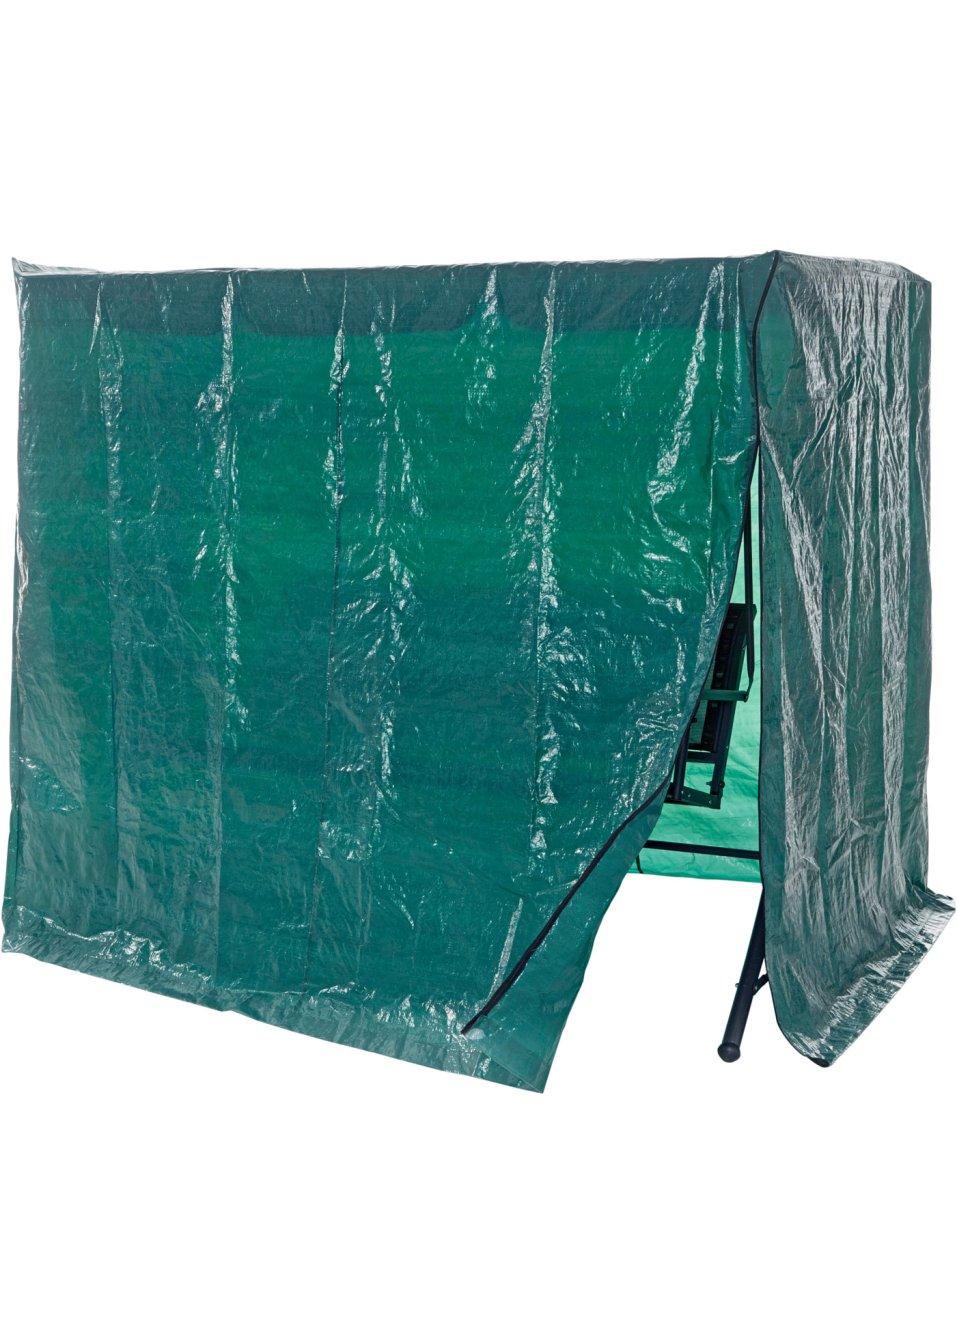 Winterquartier für Gartenmöbel: die Schutzhülle für ...